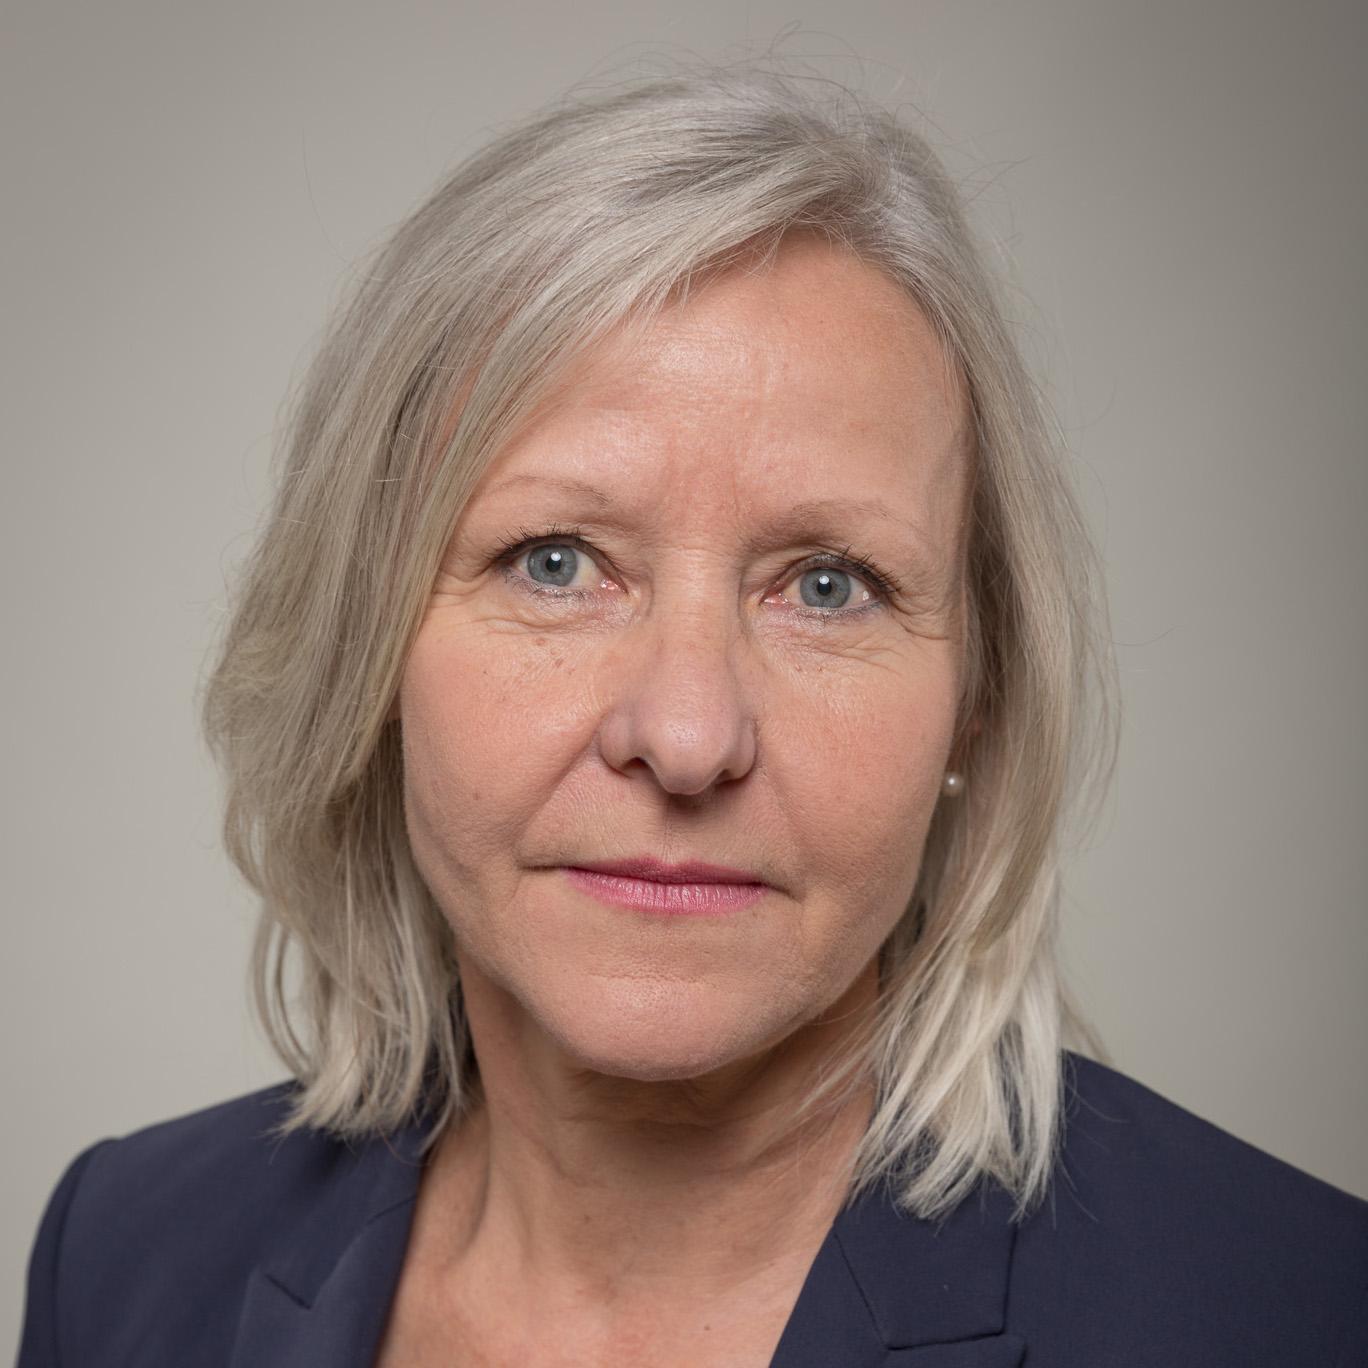 Helena Zaugg, présidente de l'Association suisse des infirmiers et infirmières ASI